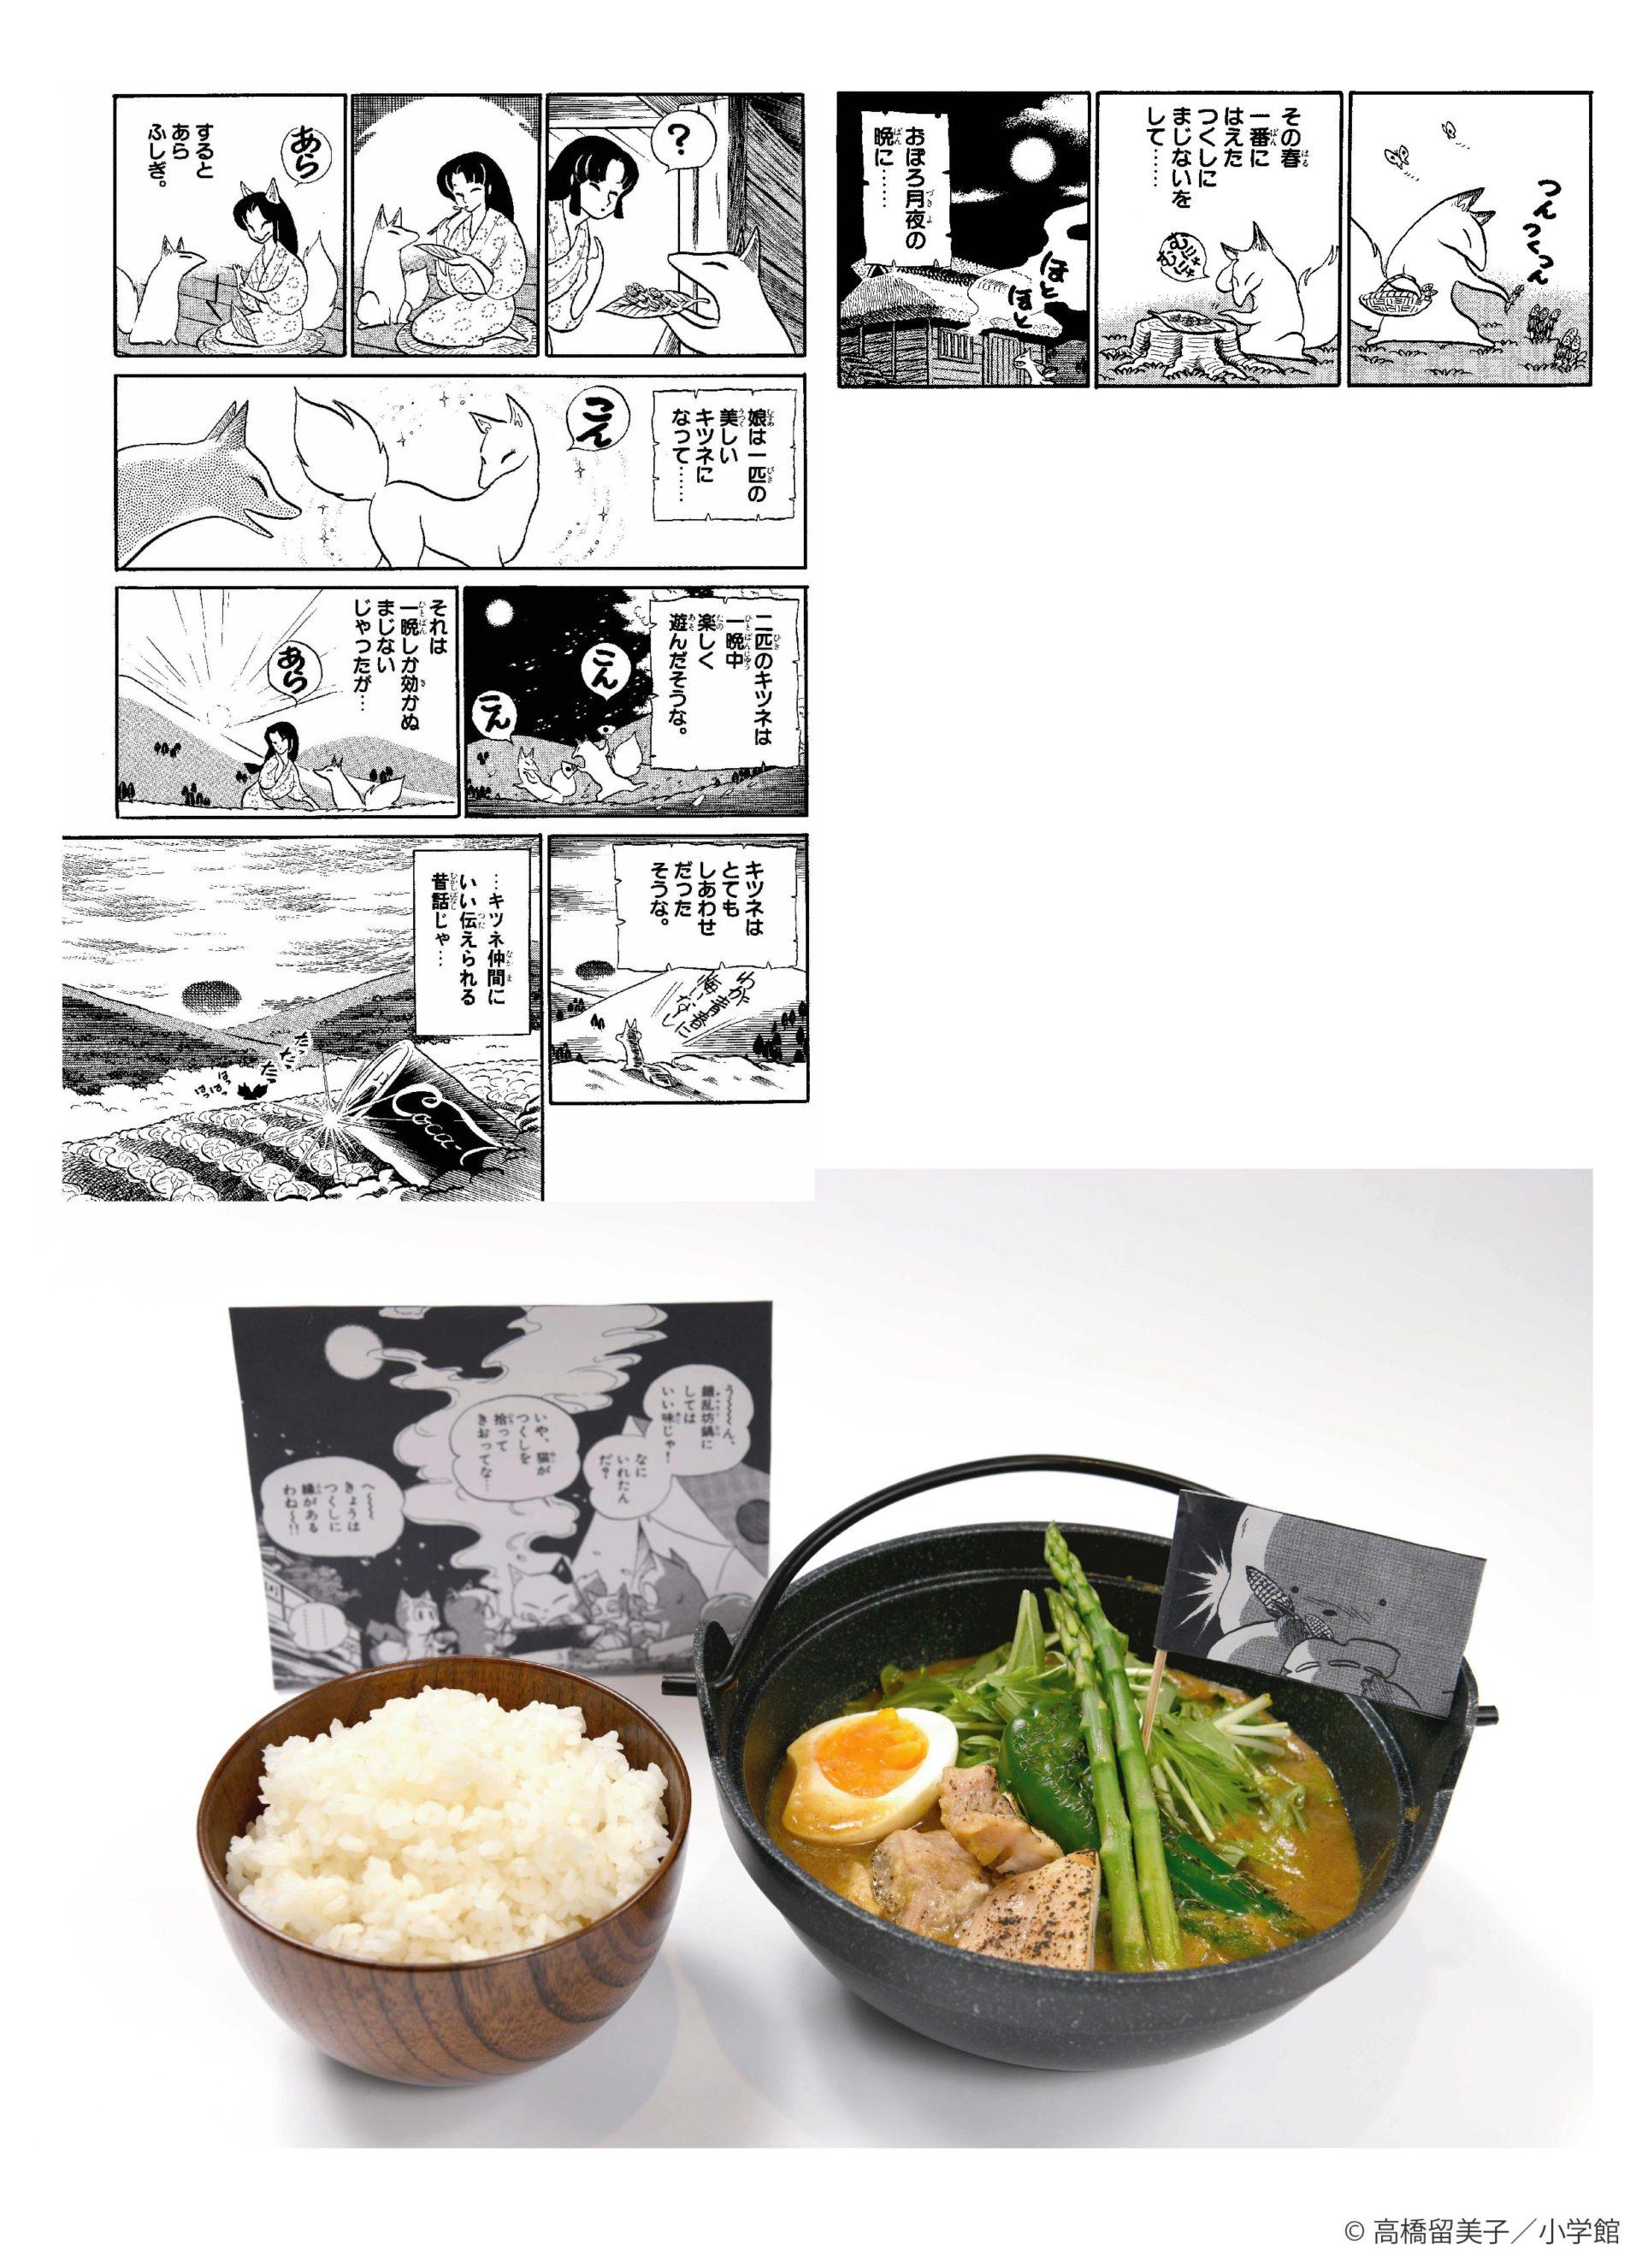 3. おぼろ月夜のキツネのつくし鍋 (スープカレー) ¥ 1,390